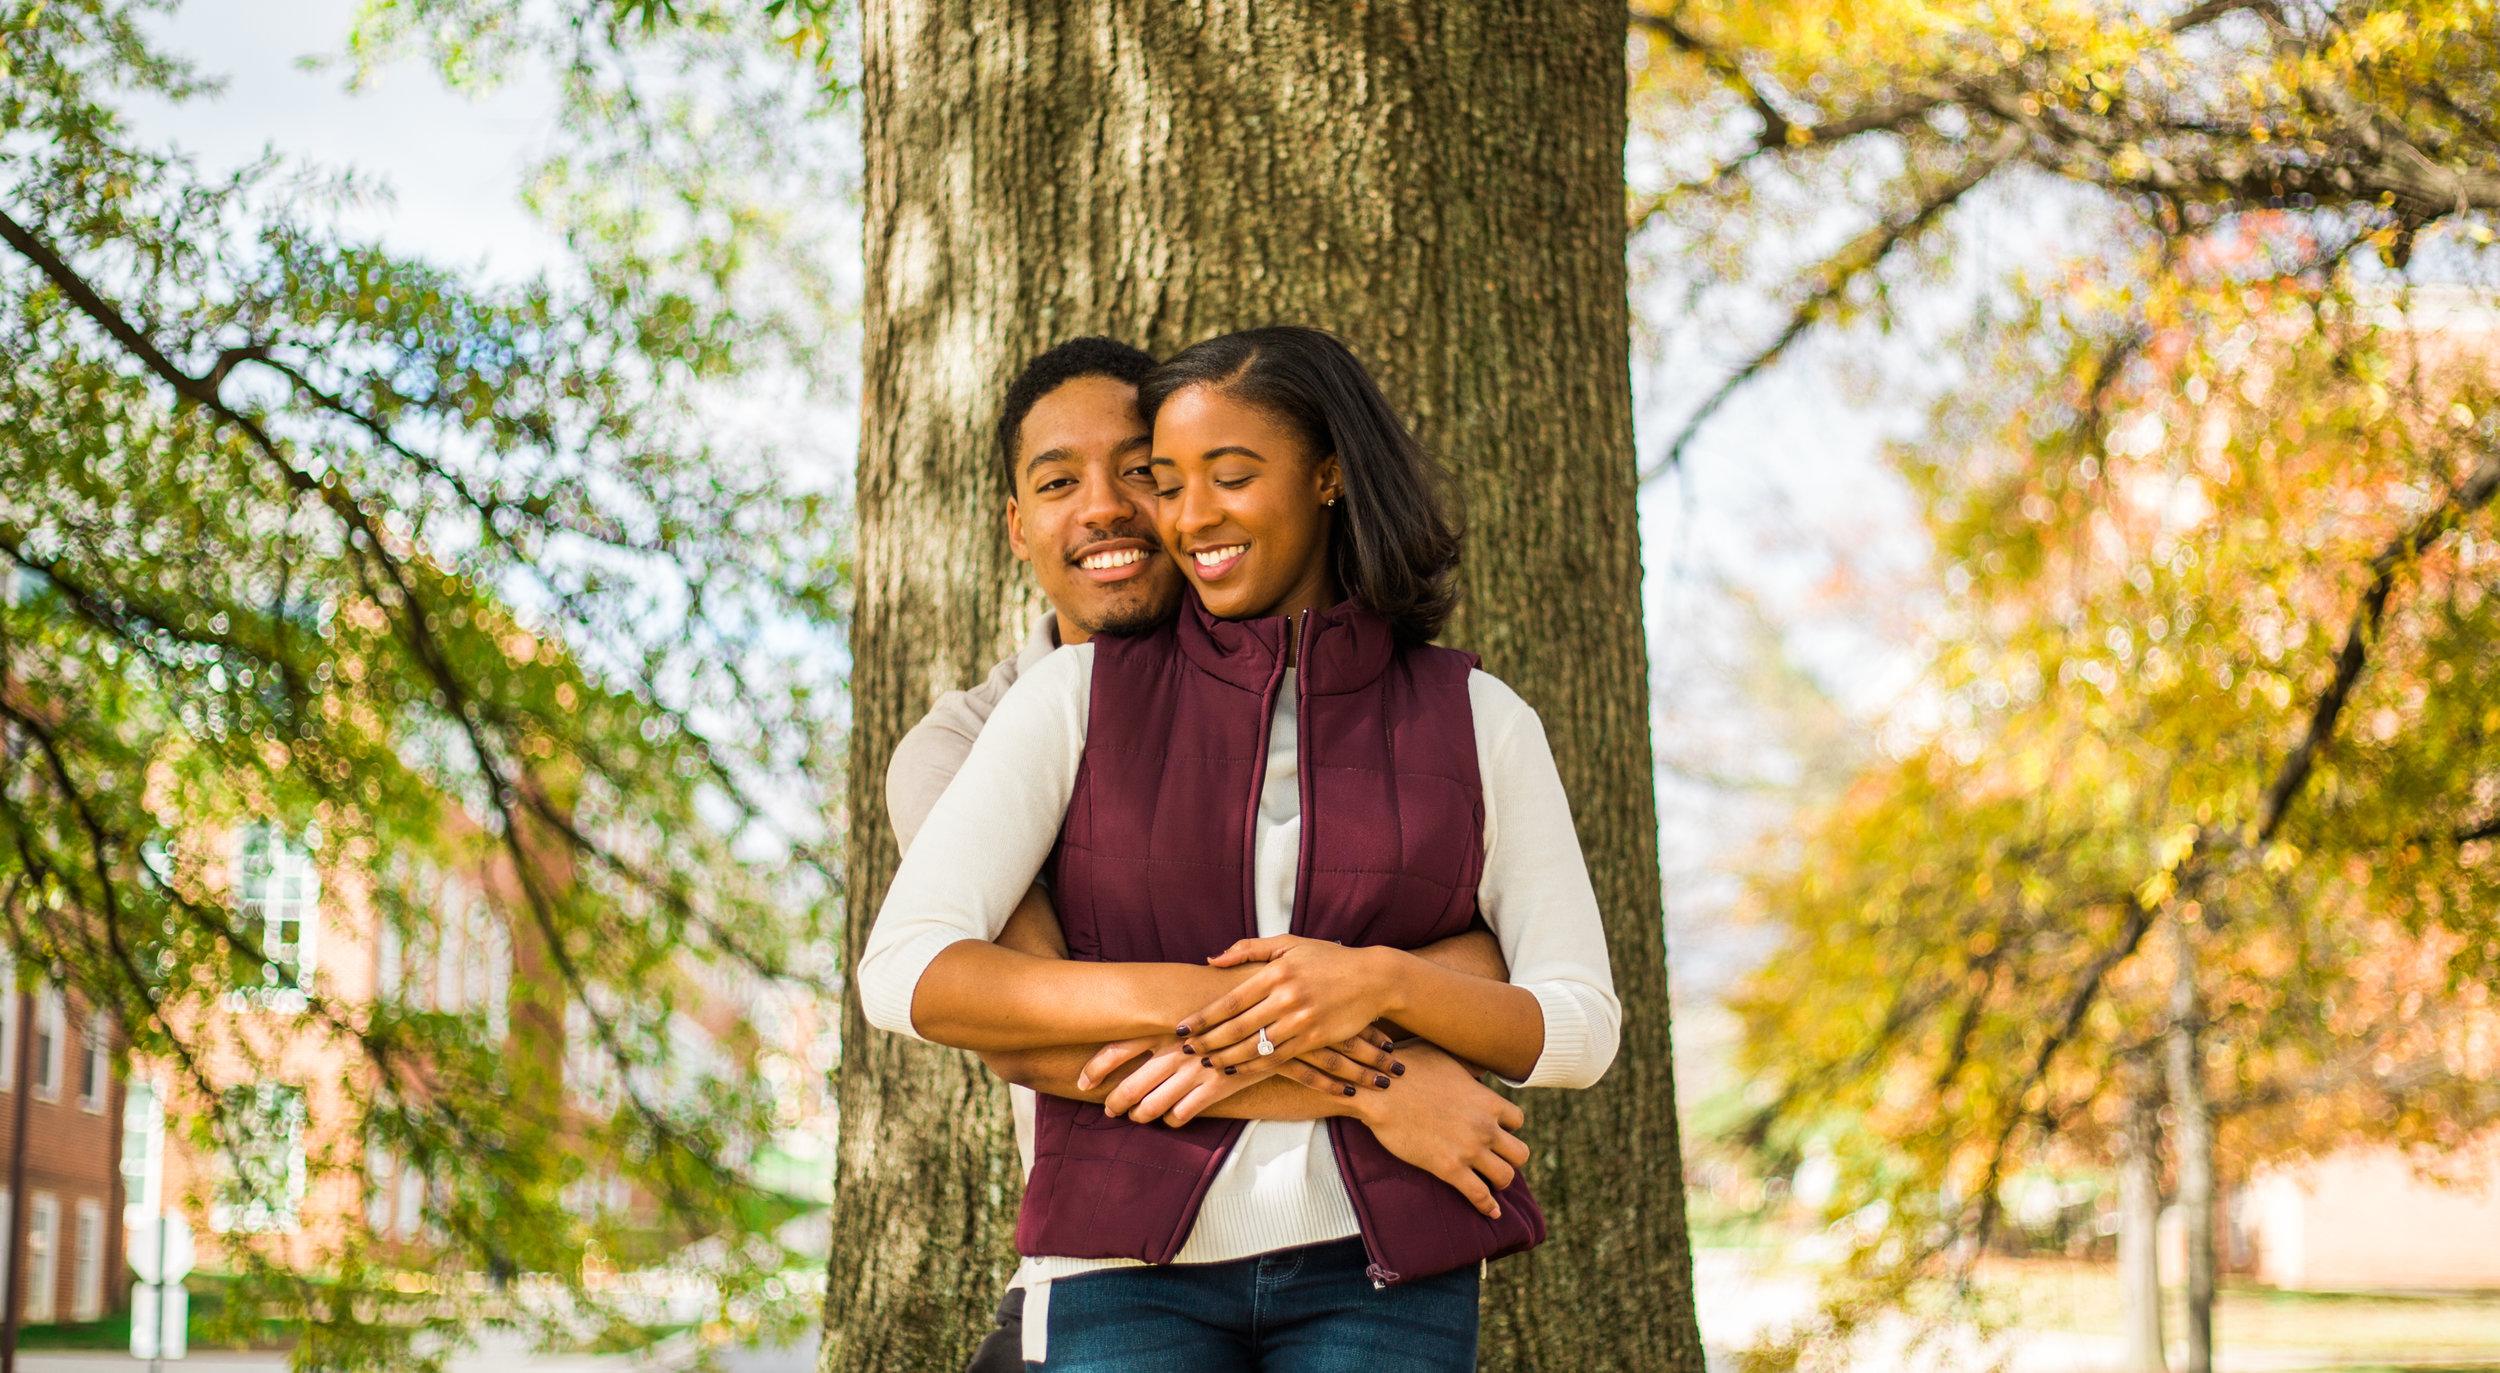 University of Maryland Engagement Session Photography-9.jpg